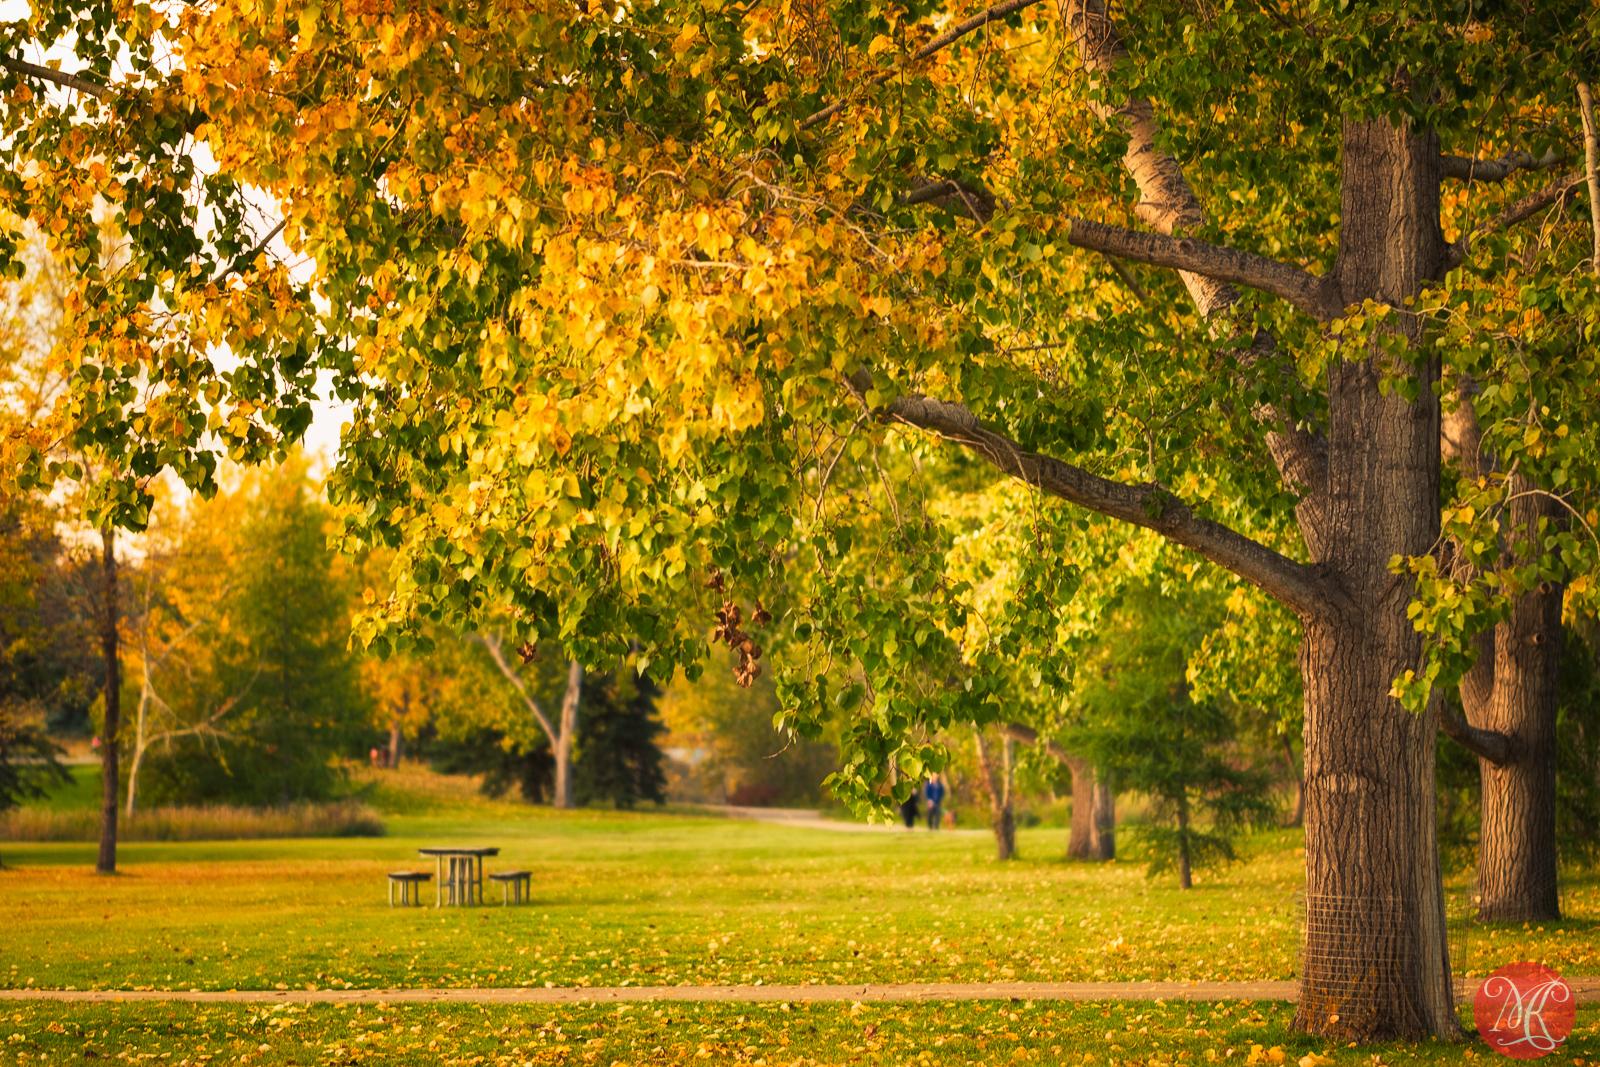 Fall at the park 14